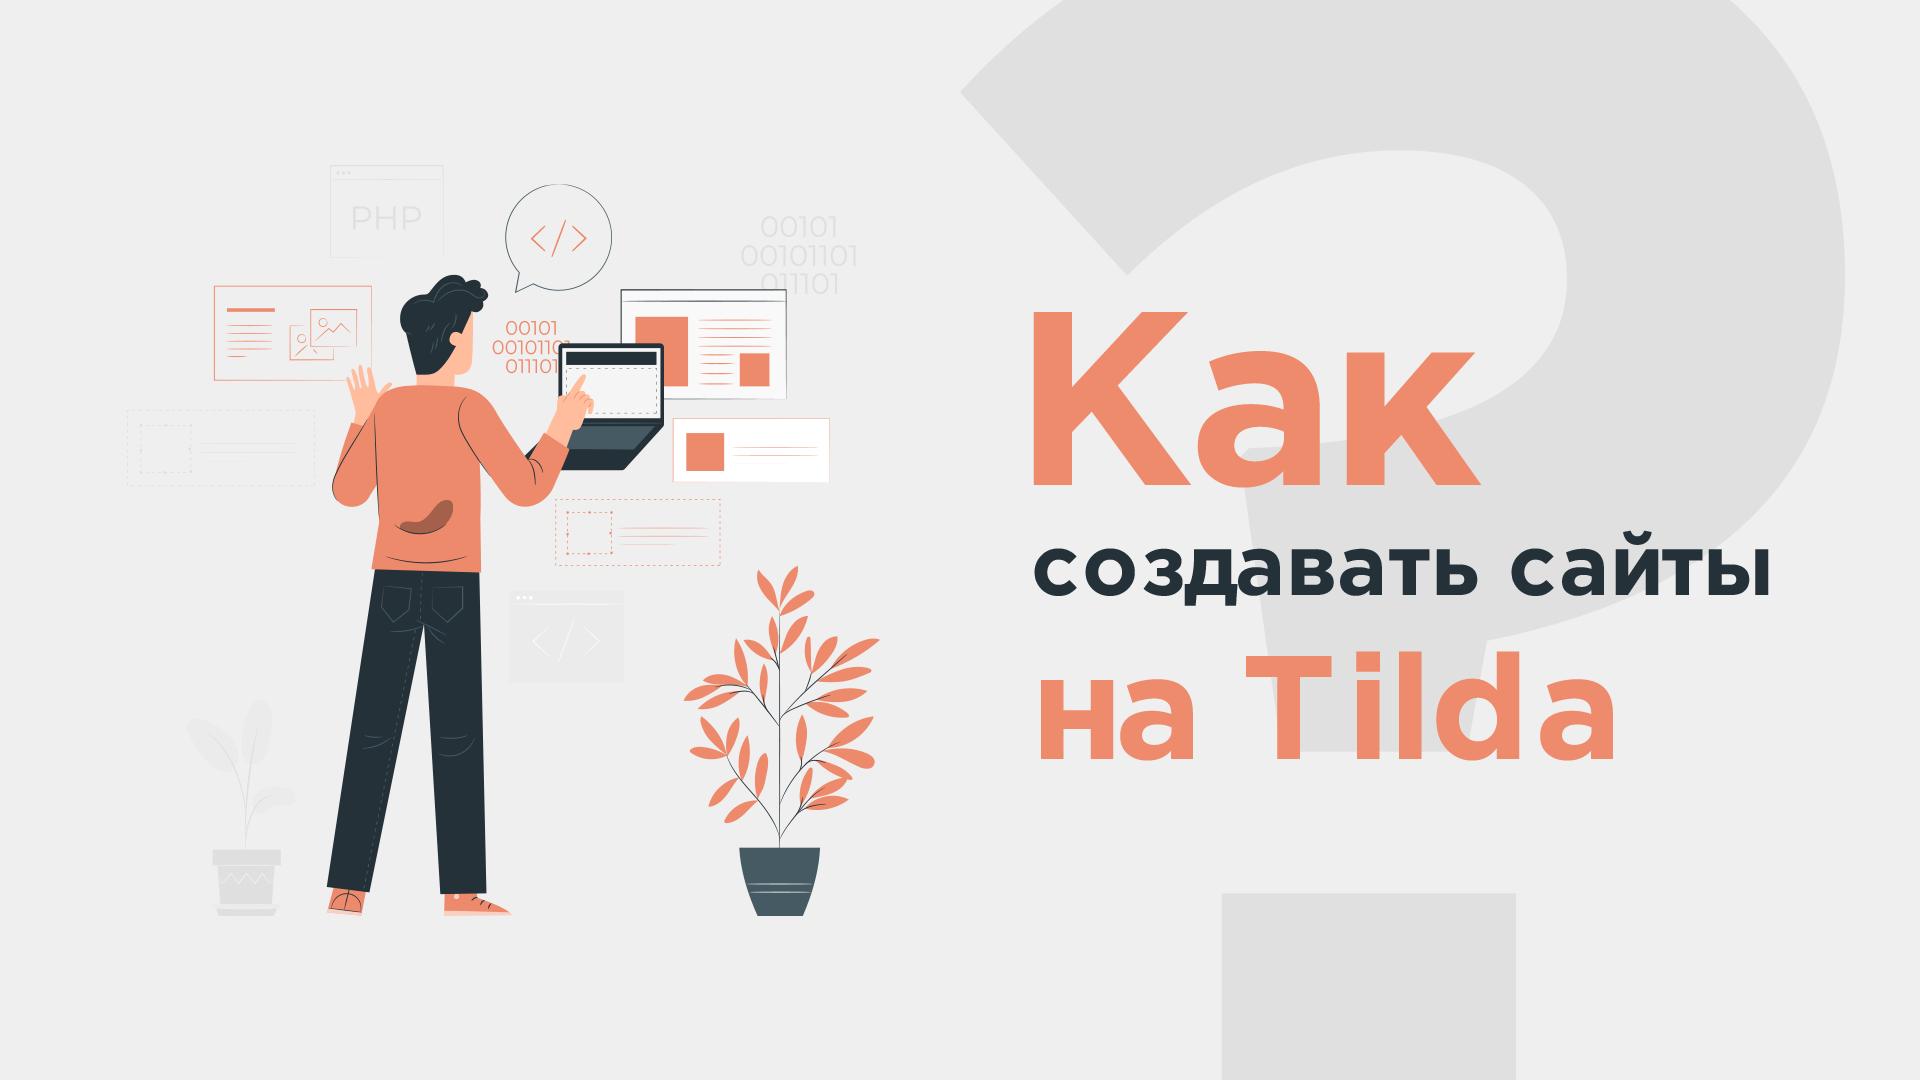 Как создавать сайты на Tilde